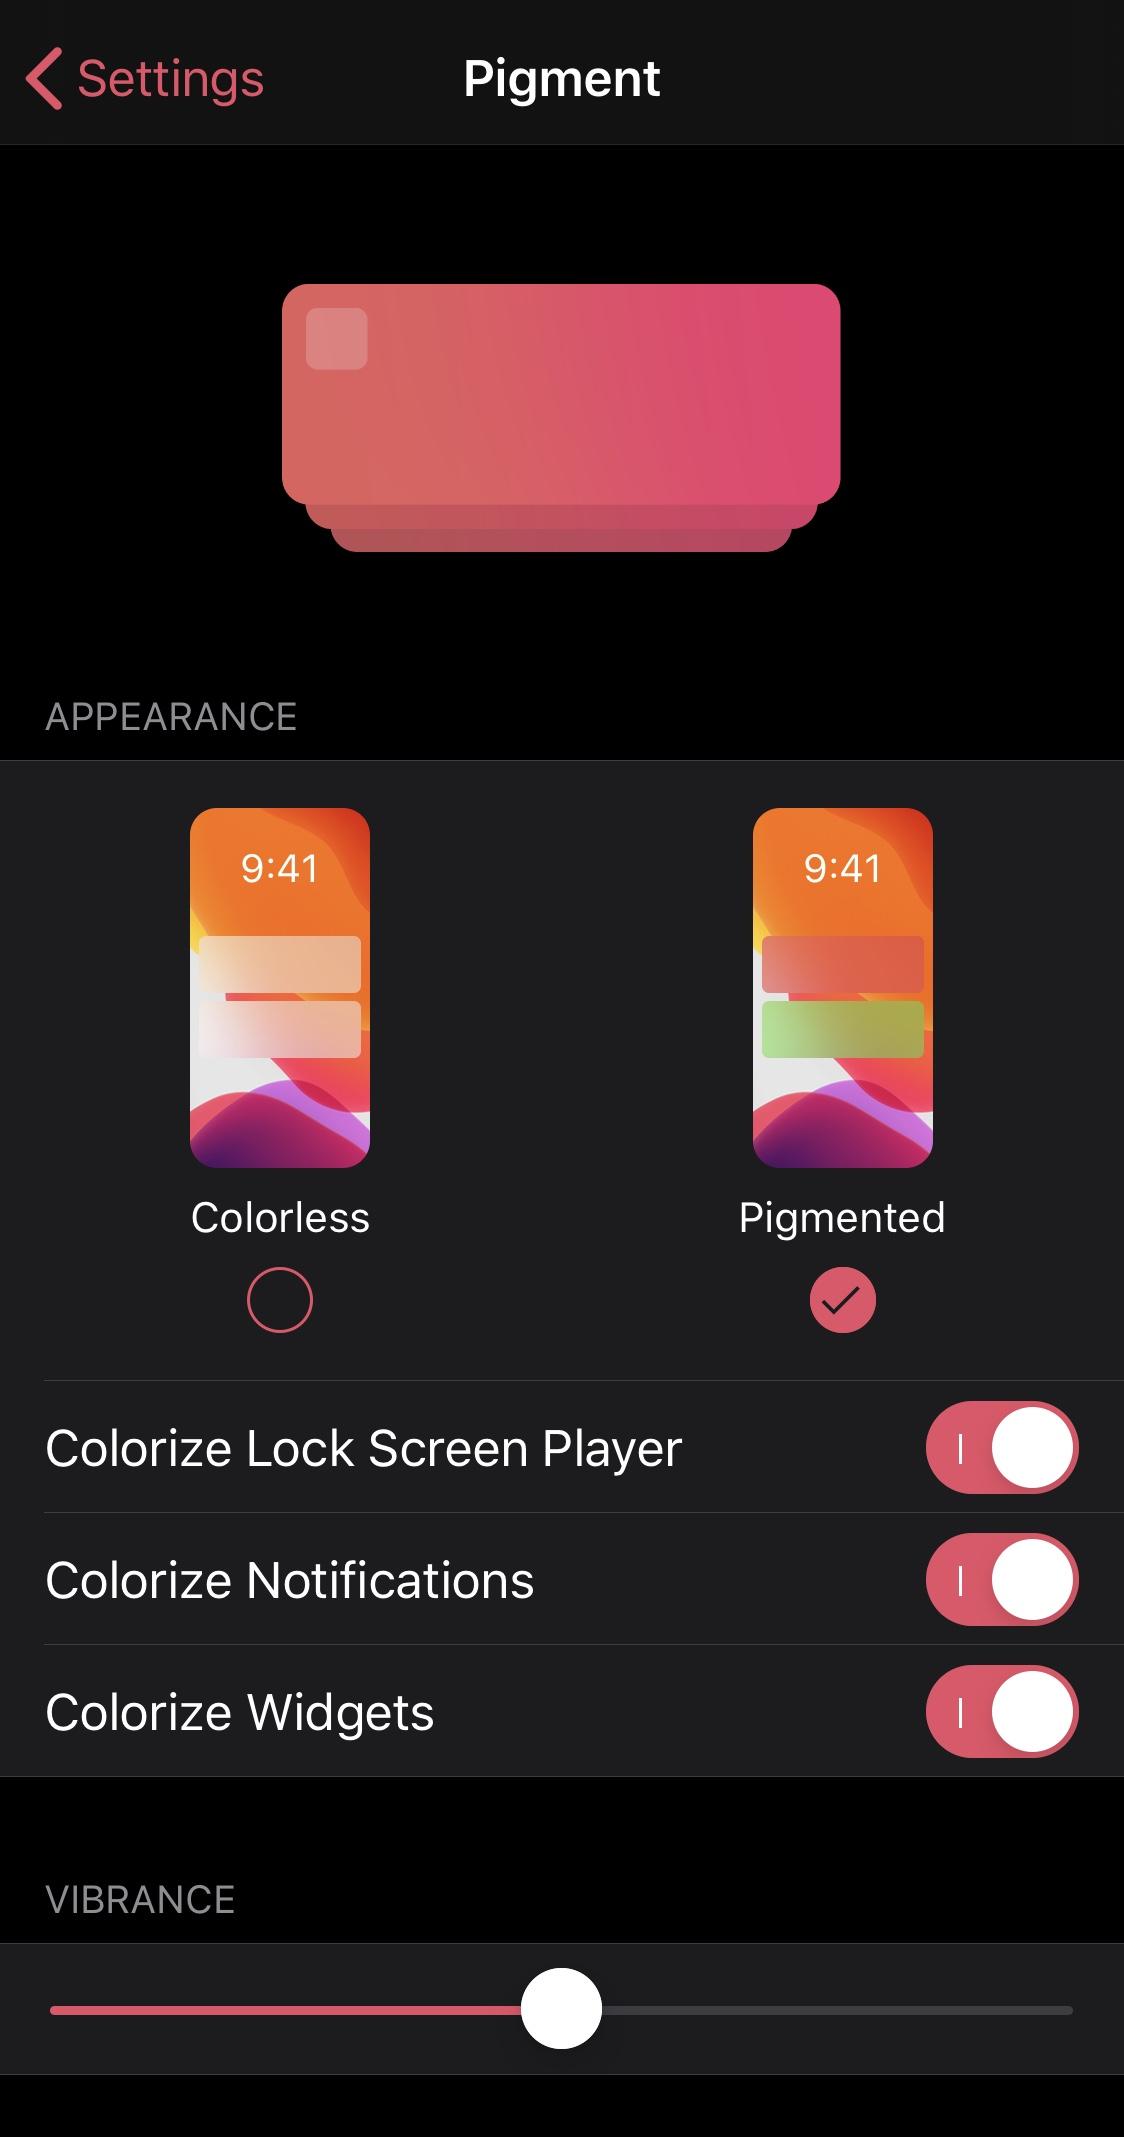 Pigment ponúka rýchle a pohodlné možnosti na vyfarbenie bannerov a miniaplikácií 2